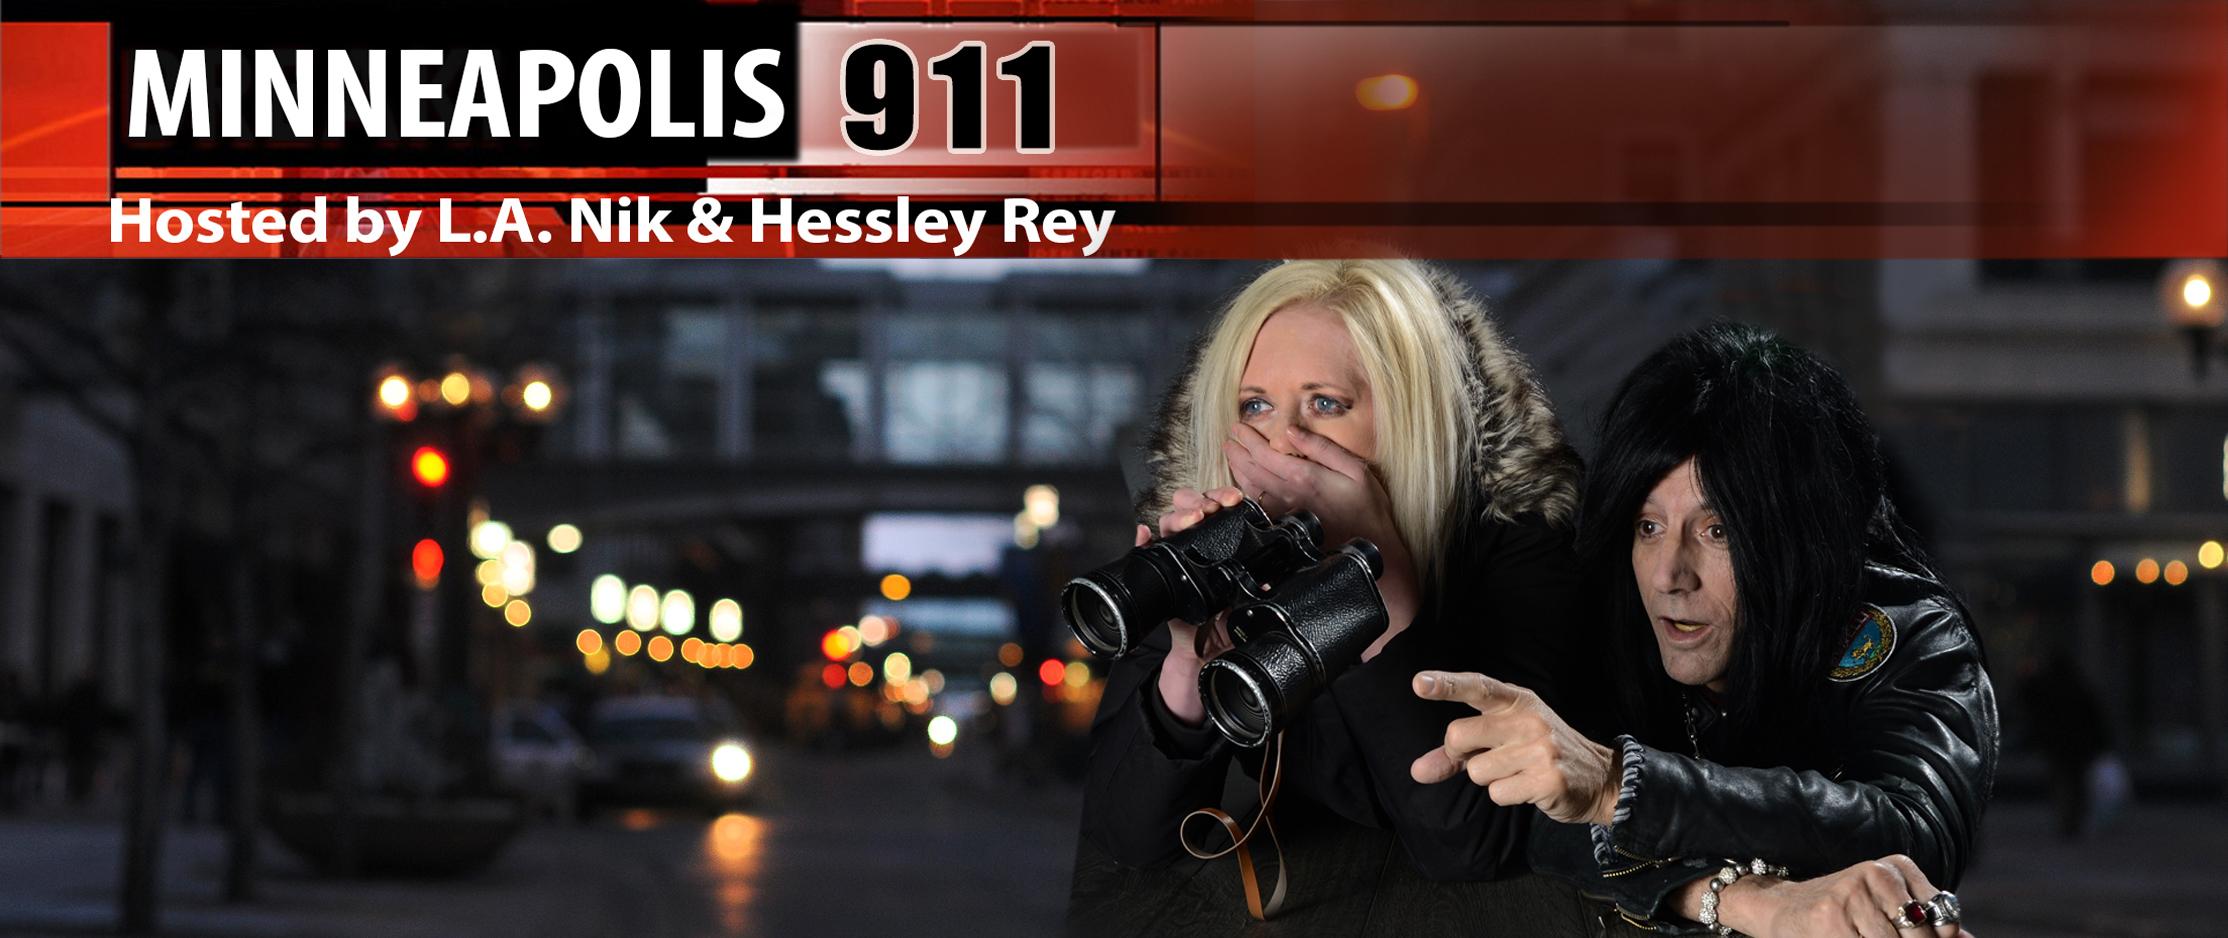 L.A. Nik's Minneapolis 911